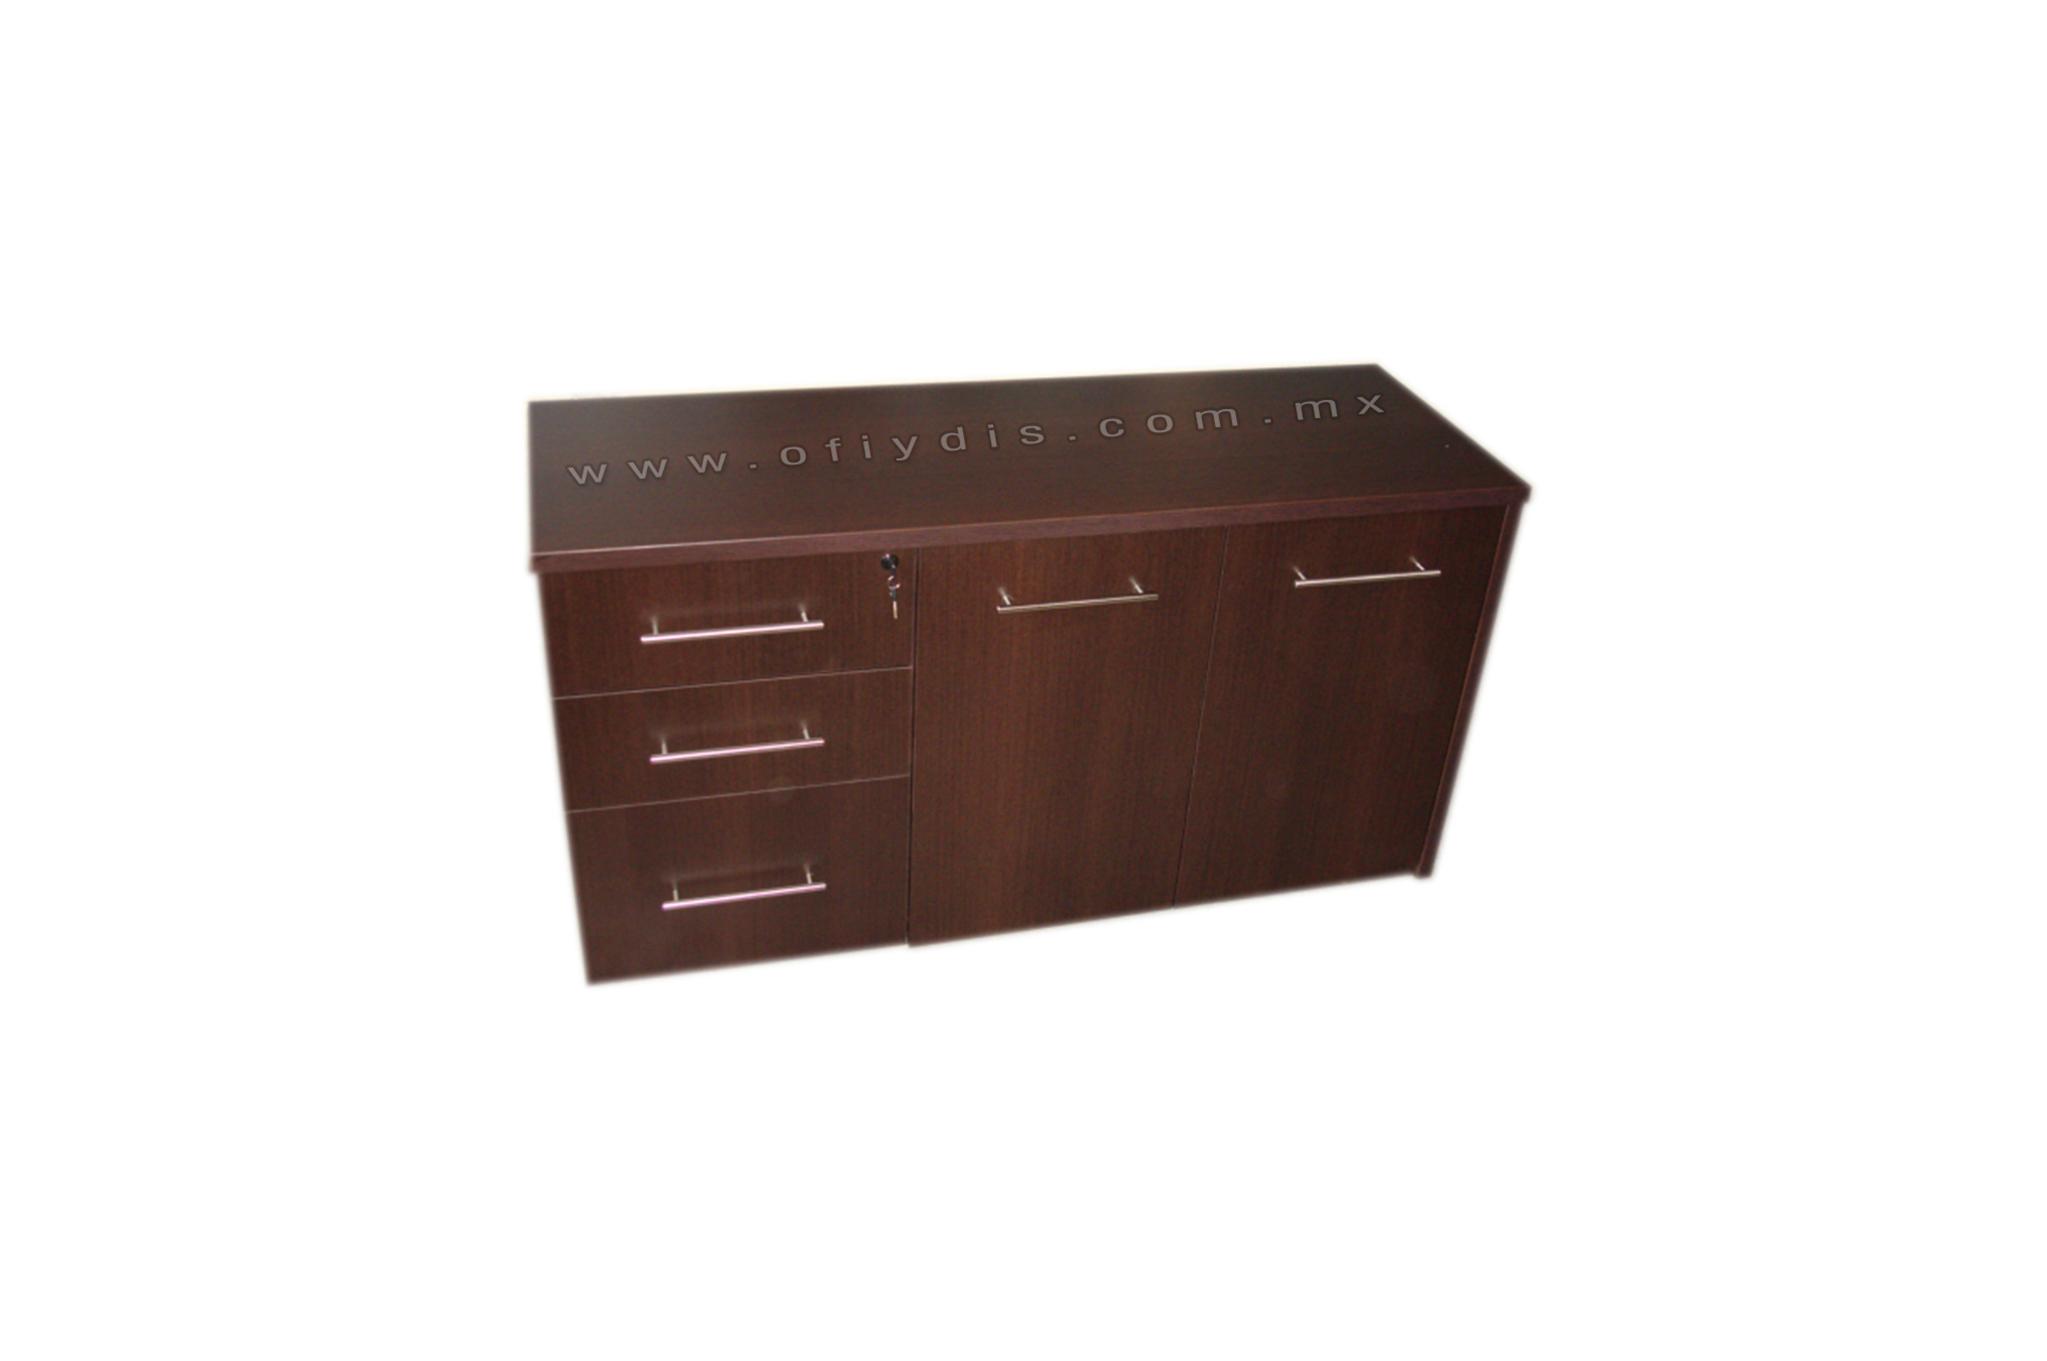 Credenza Con Puertas : Credenza de 2 pedestales y puertas ofiydis muebles para oficina